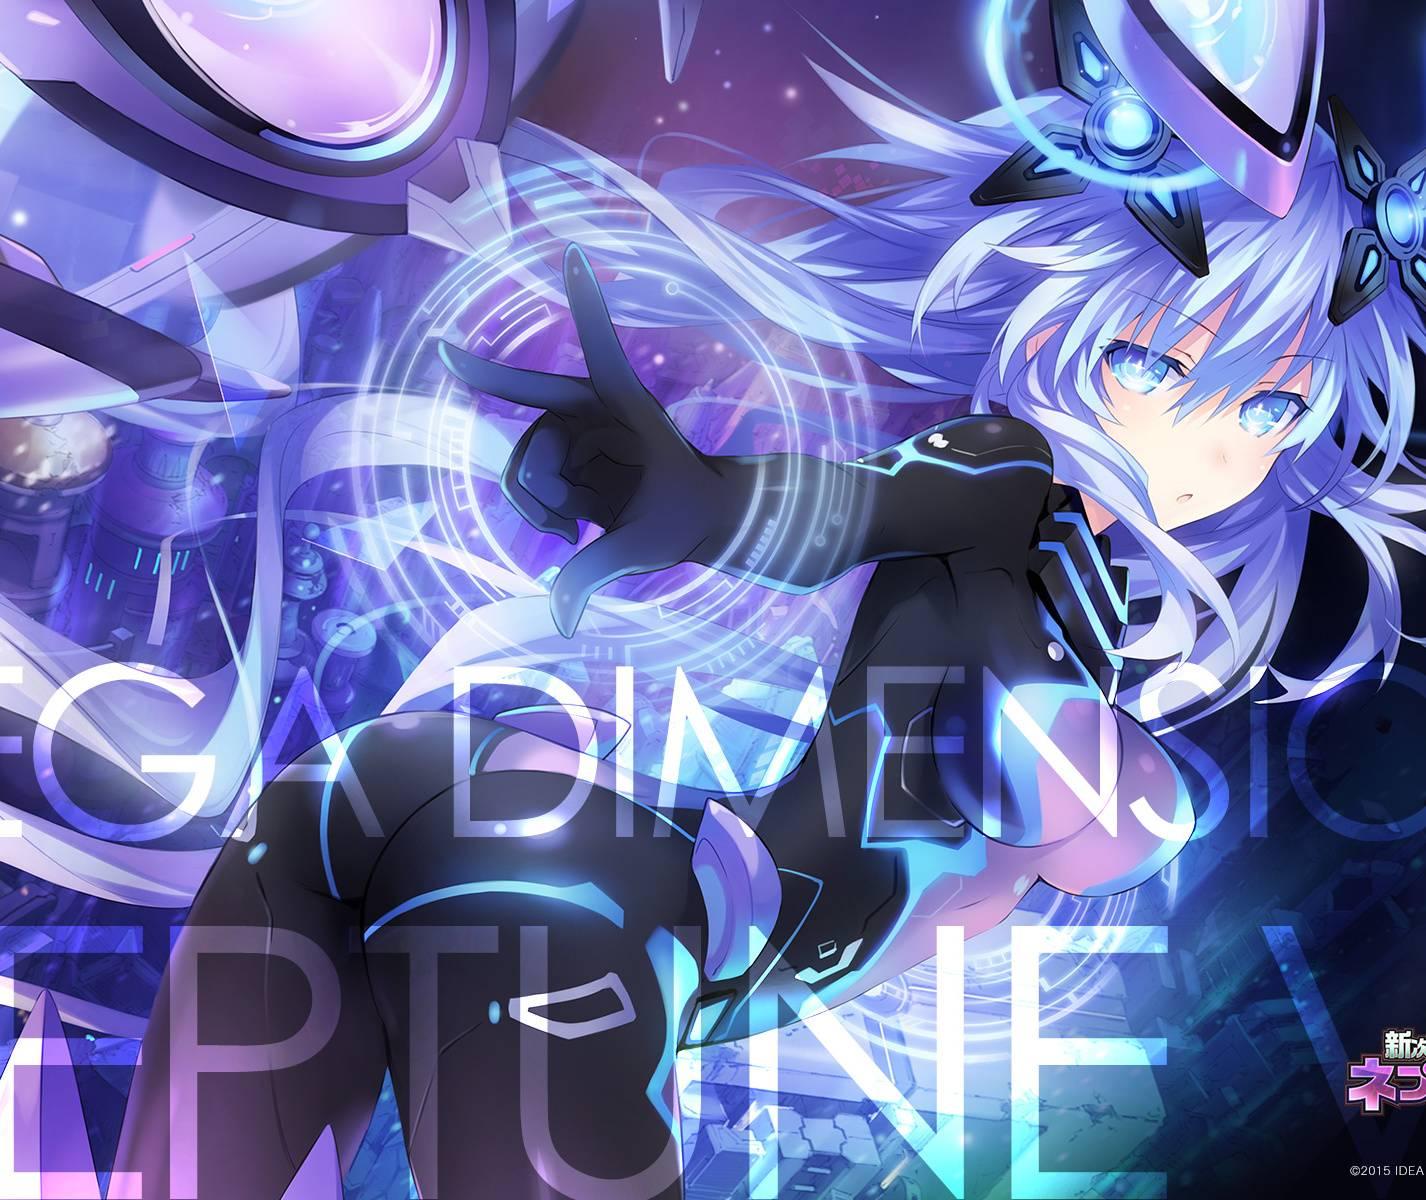 Next Form Neptune